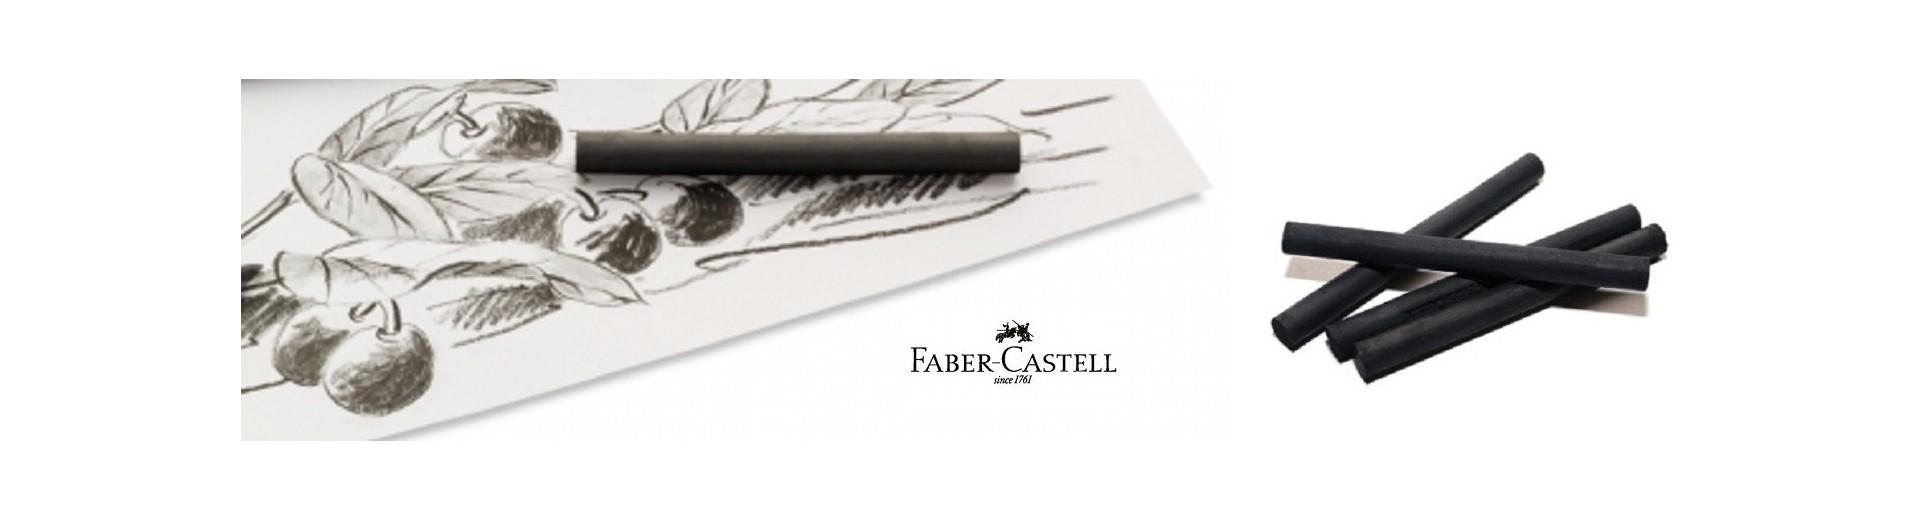 CARBÓN DE SIBERIA FABER CASTELL